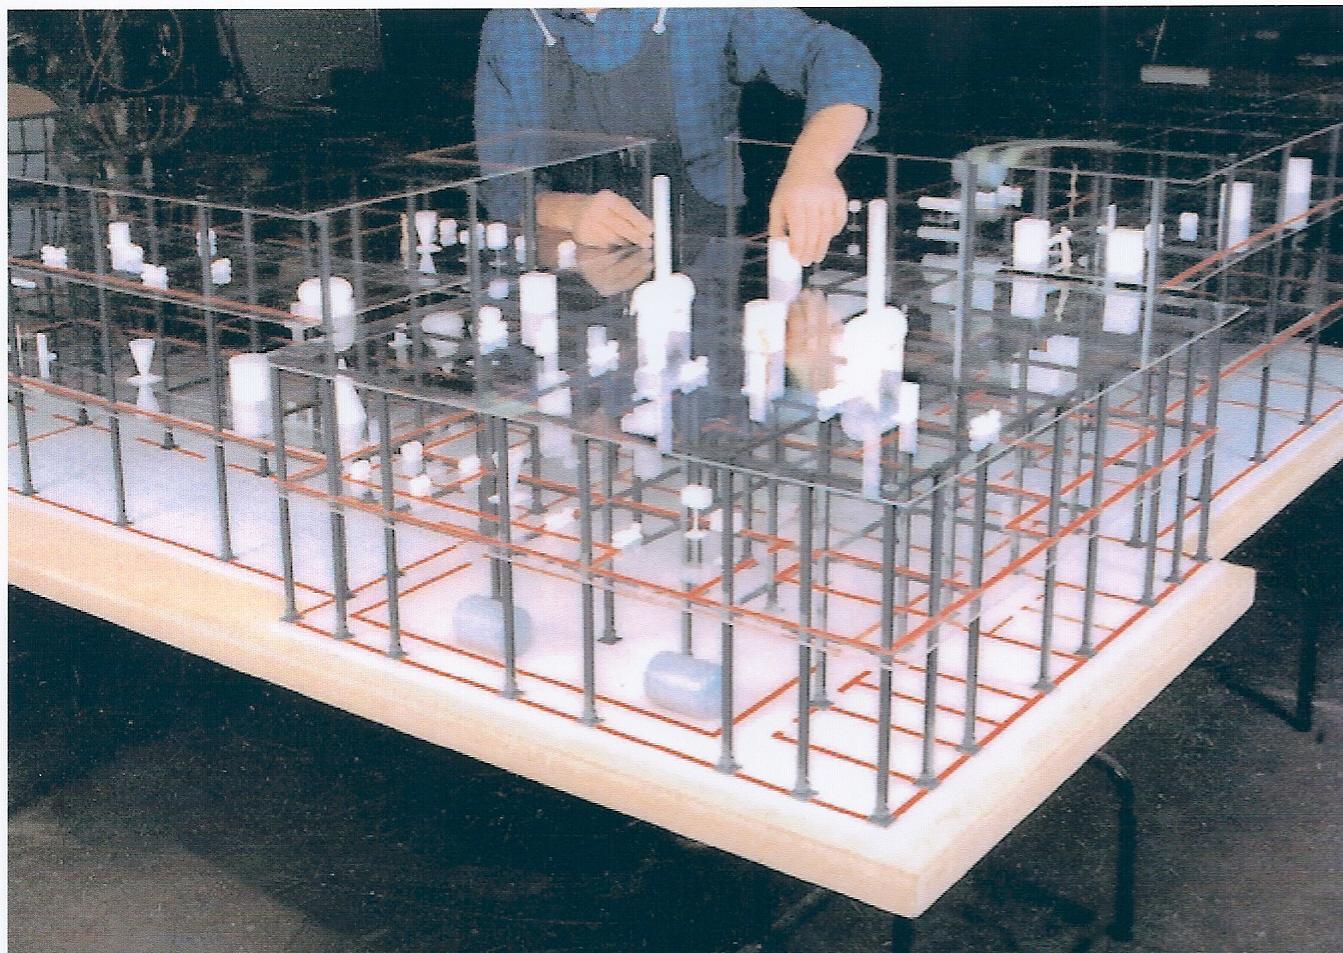 model potash plant design Model potash plant design essay - 19635 words model potash plant design  80 (19635 words  solid fat index : temp ºc sfi value 20 42-48 30 25-48 35 11-15 a].